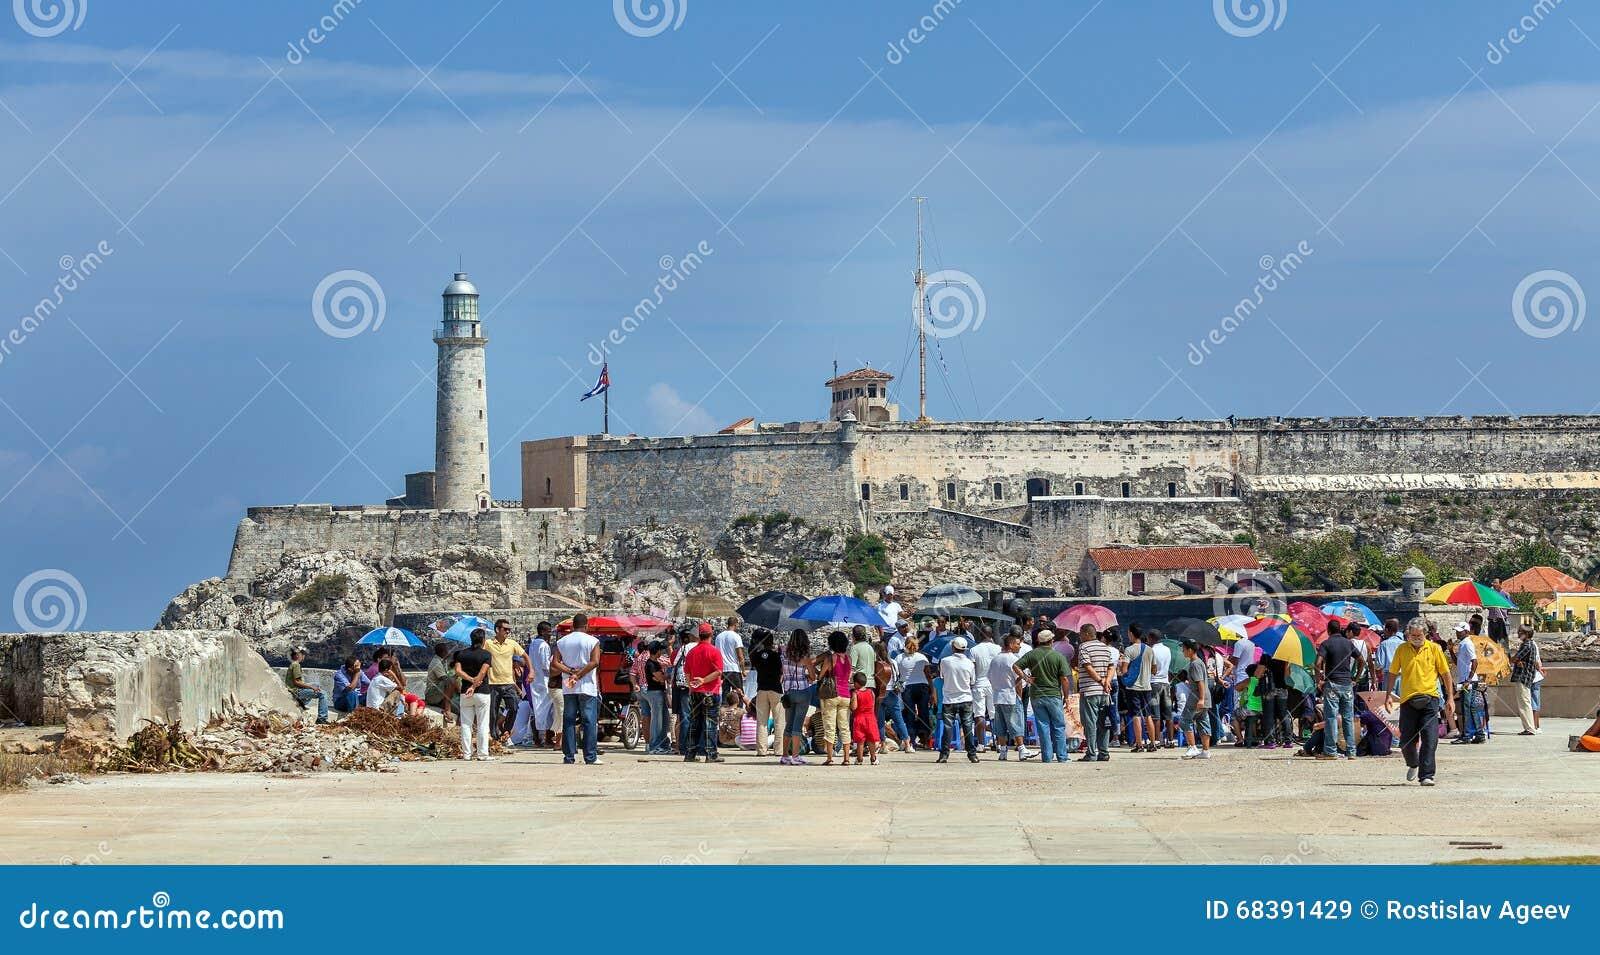 LA HABANA, CUBA - 1 DE ABRIL DE 2012: Turistas e indígenas